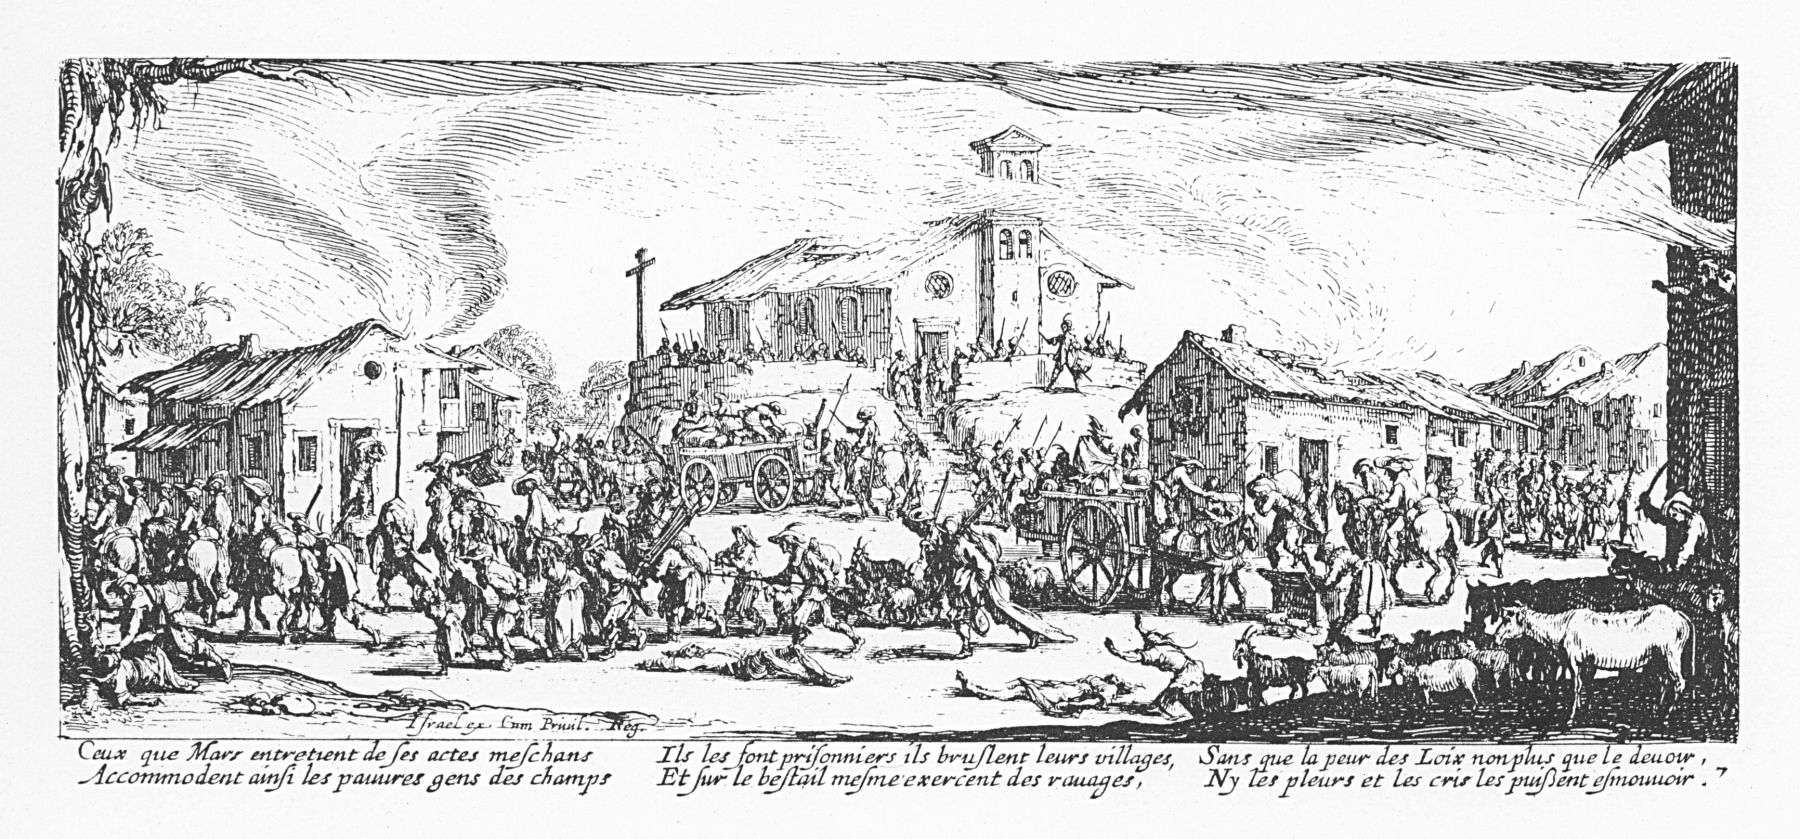 Les_misères_et_les_malheurs_de_la_guerre_-_07_-_Pillage_et_incendie_dun_village